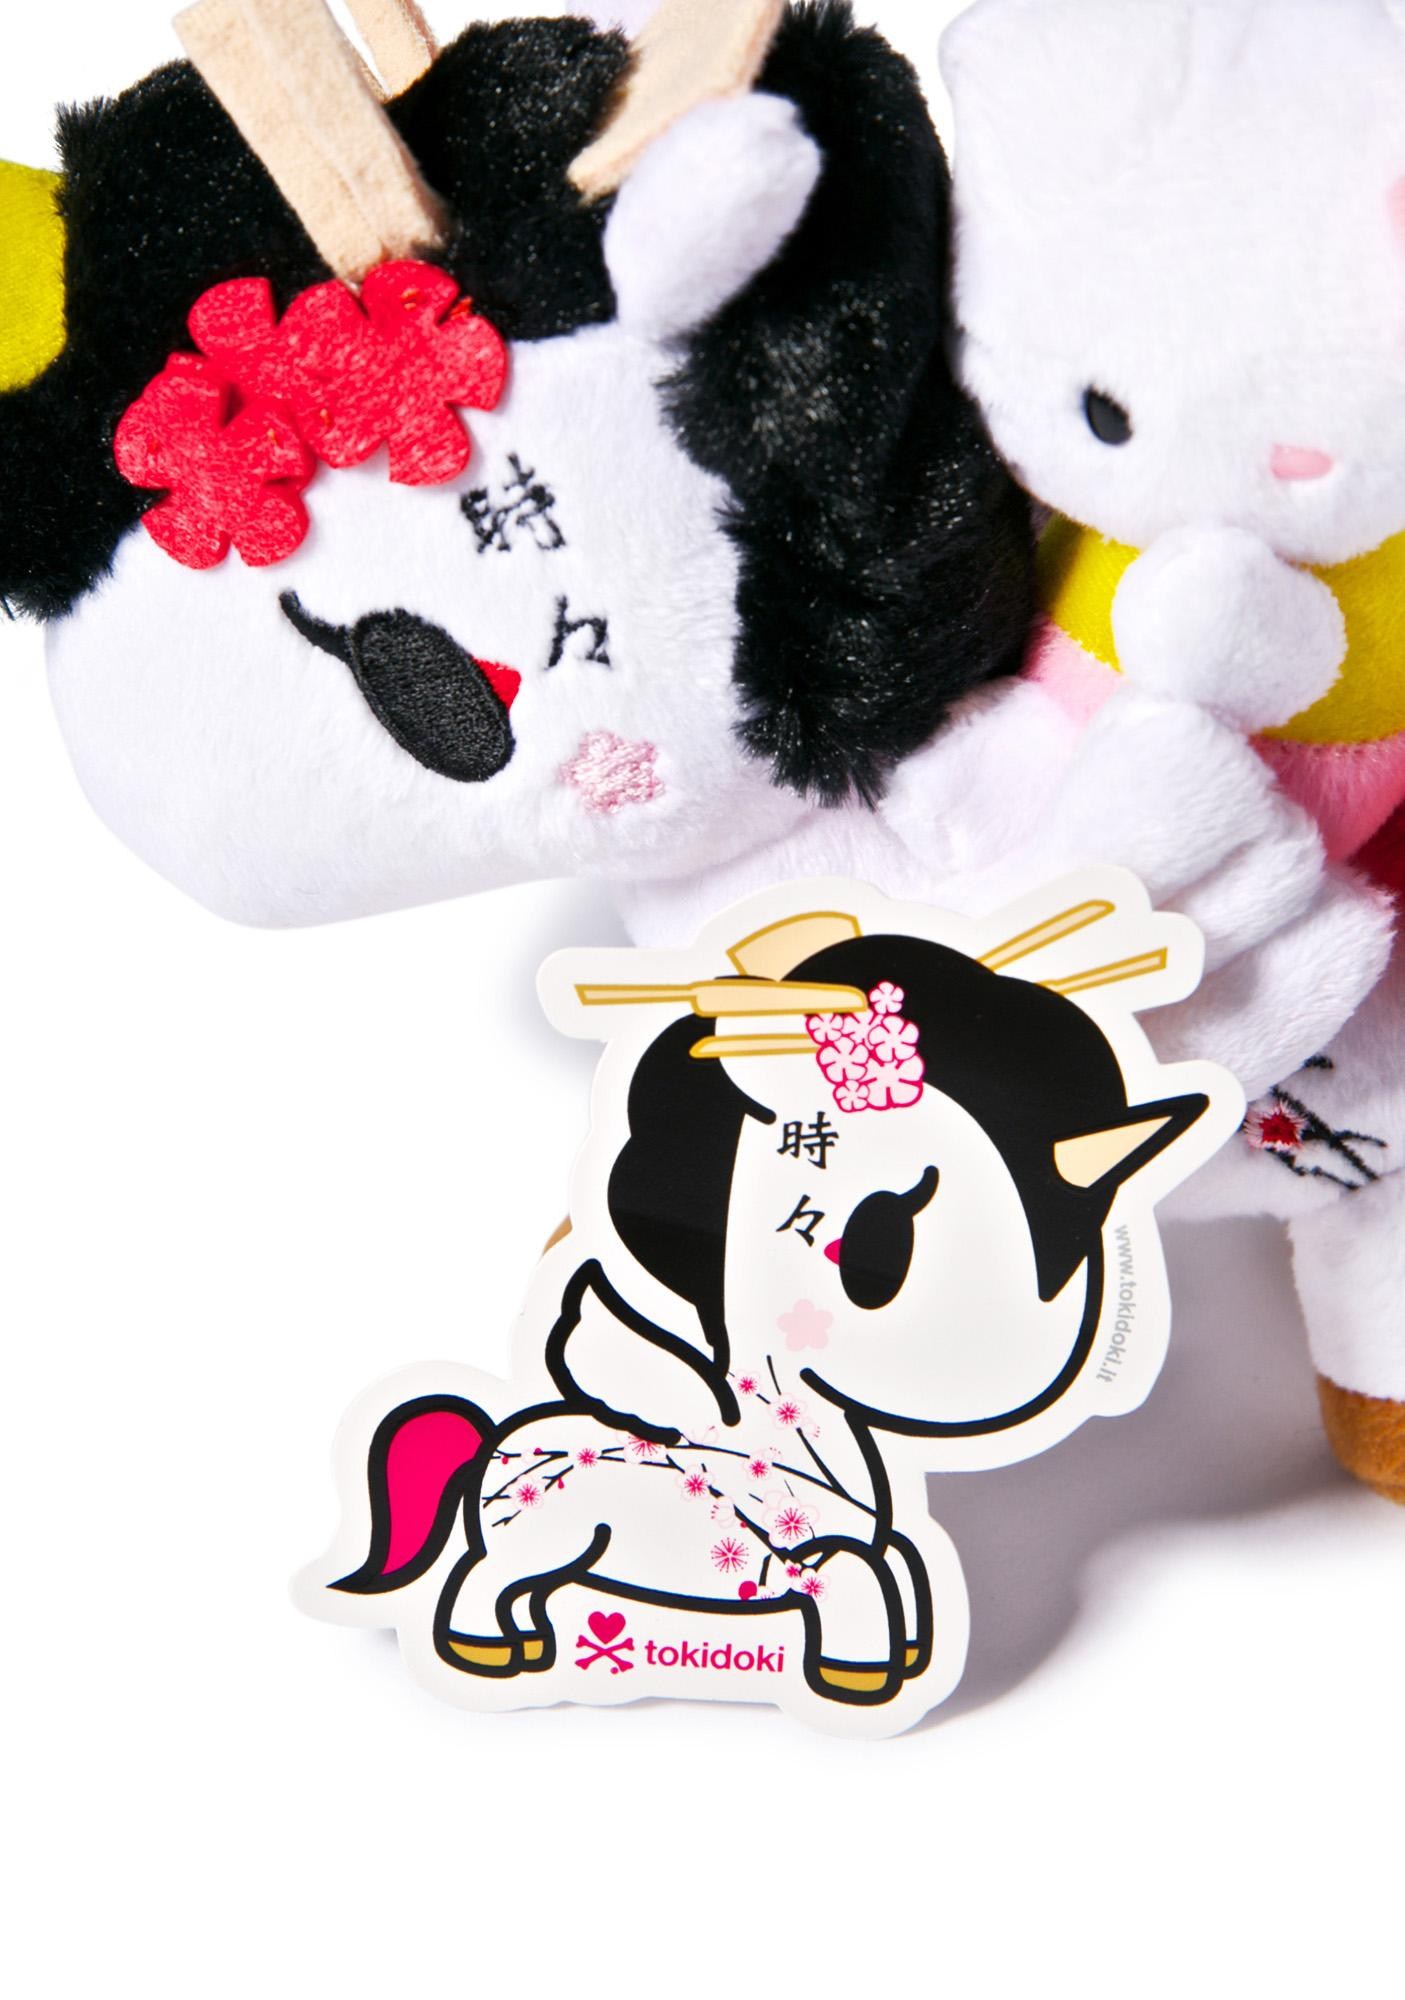 Tokidoki Sakura Sticker